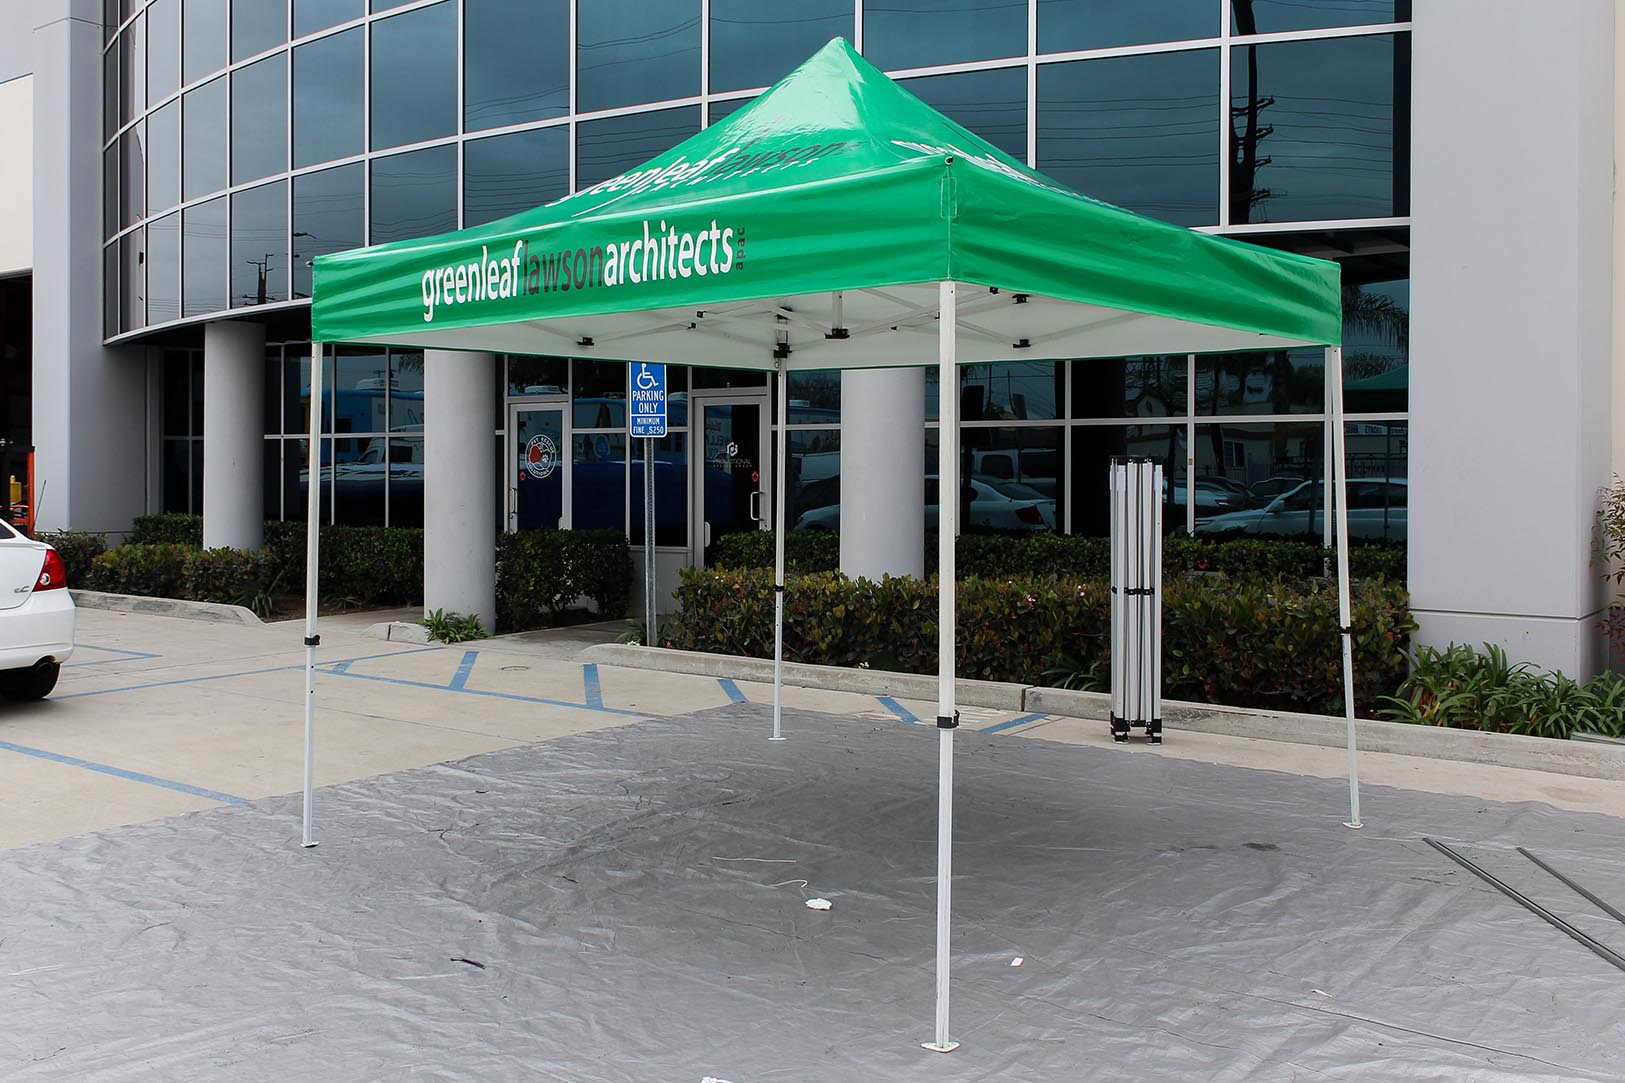 greenleaf-lawson-architects-10x10-canopy